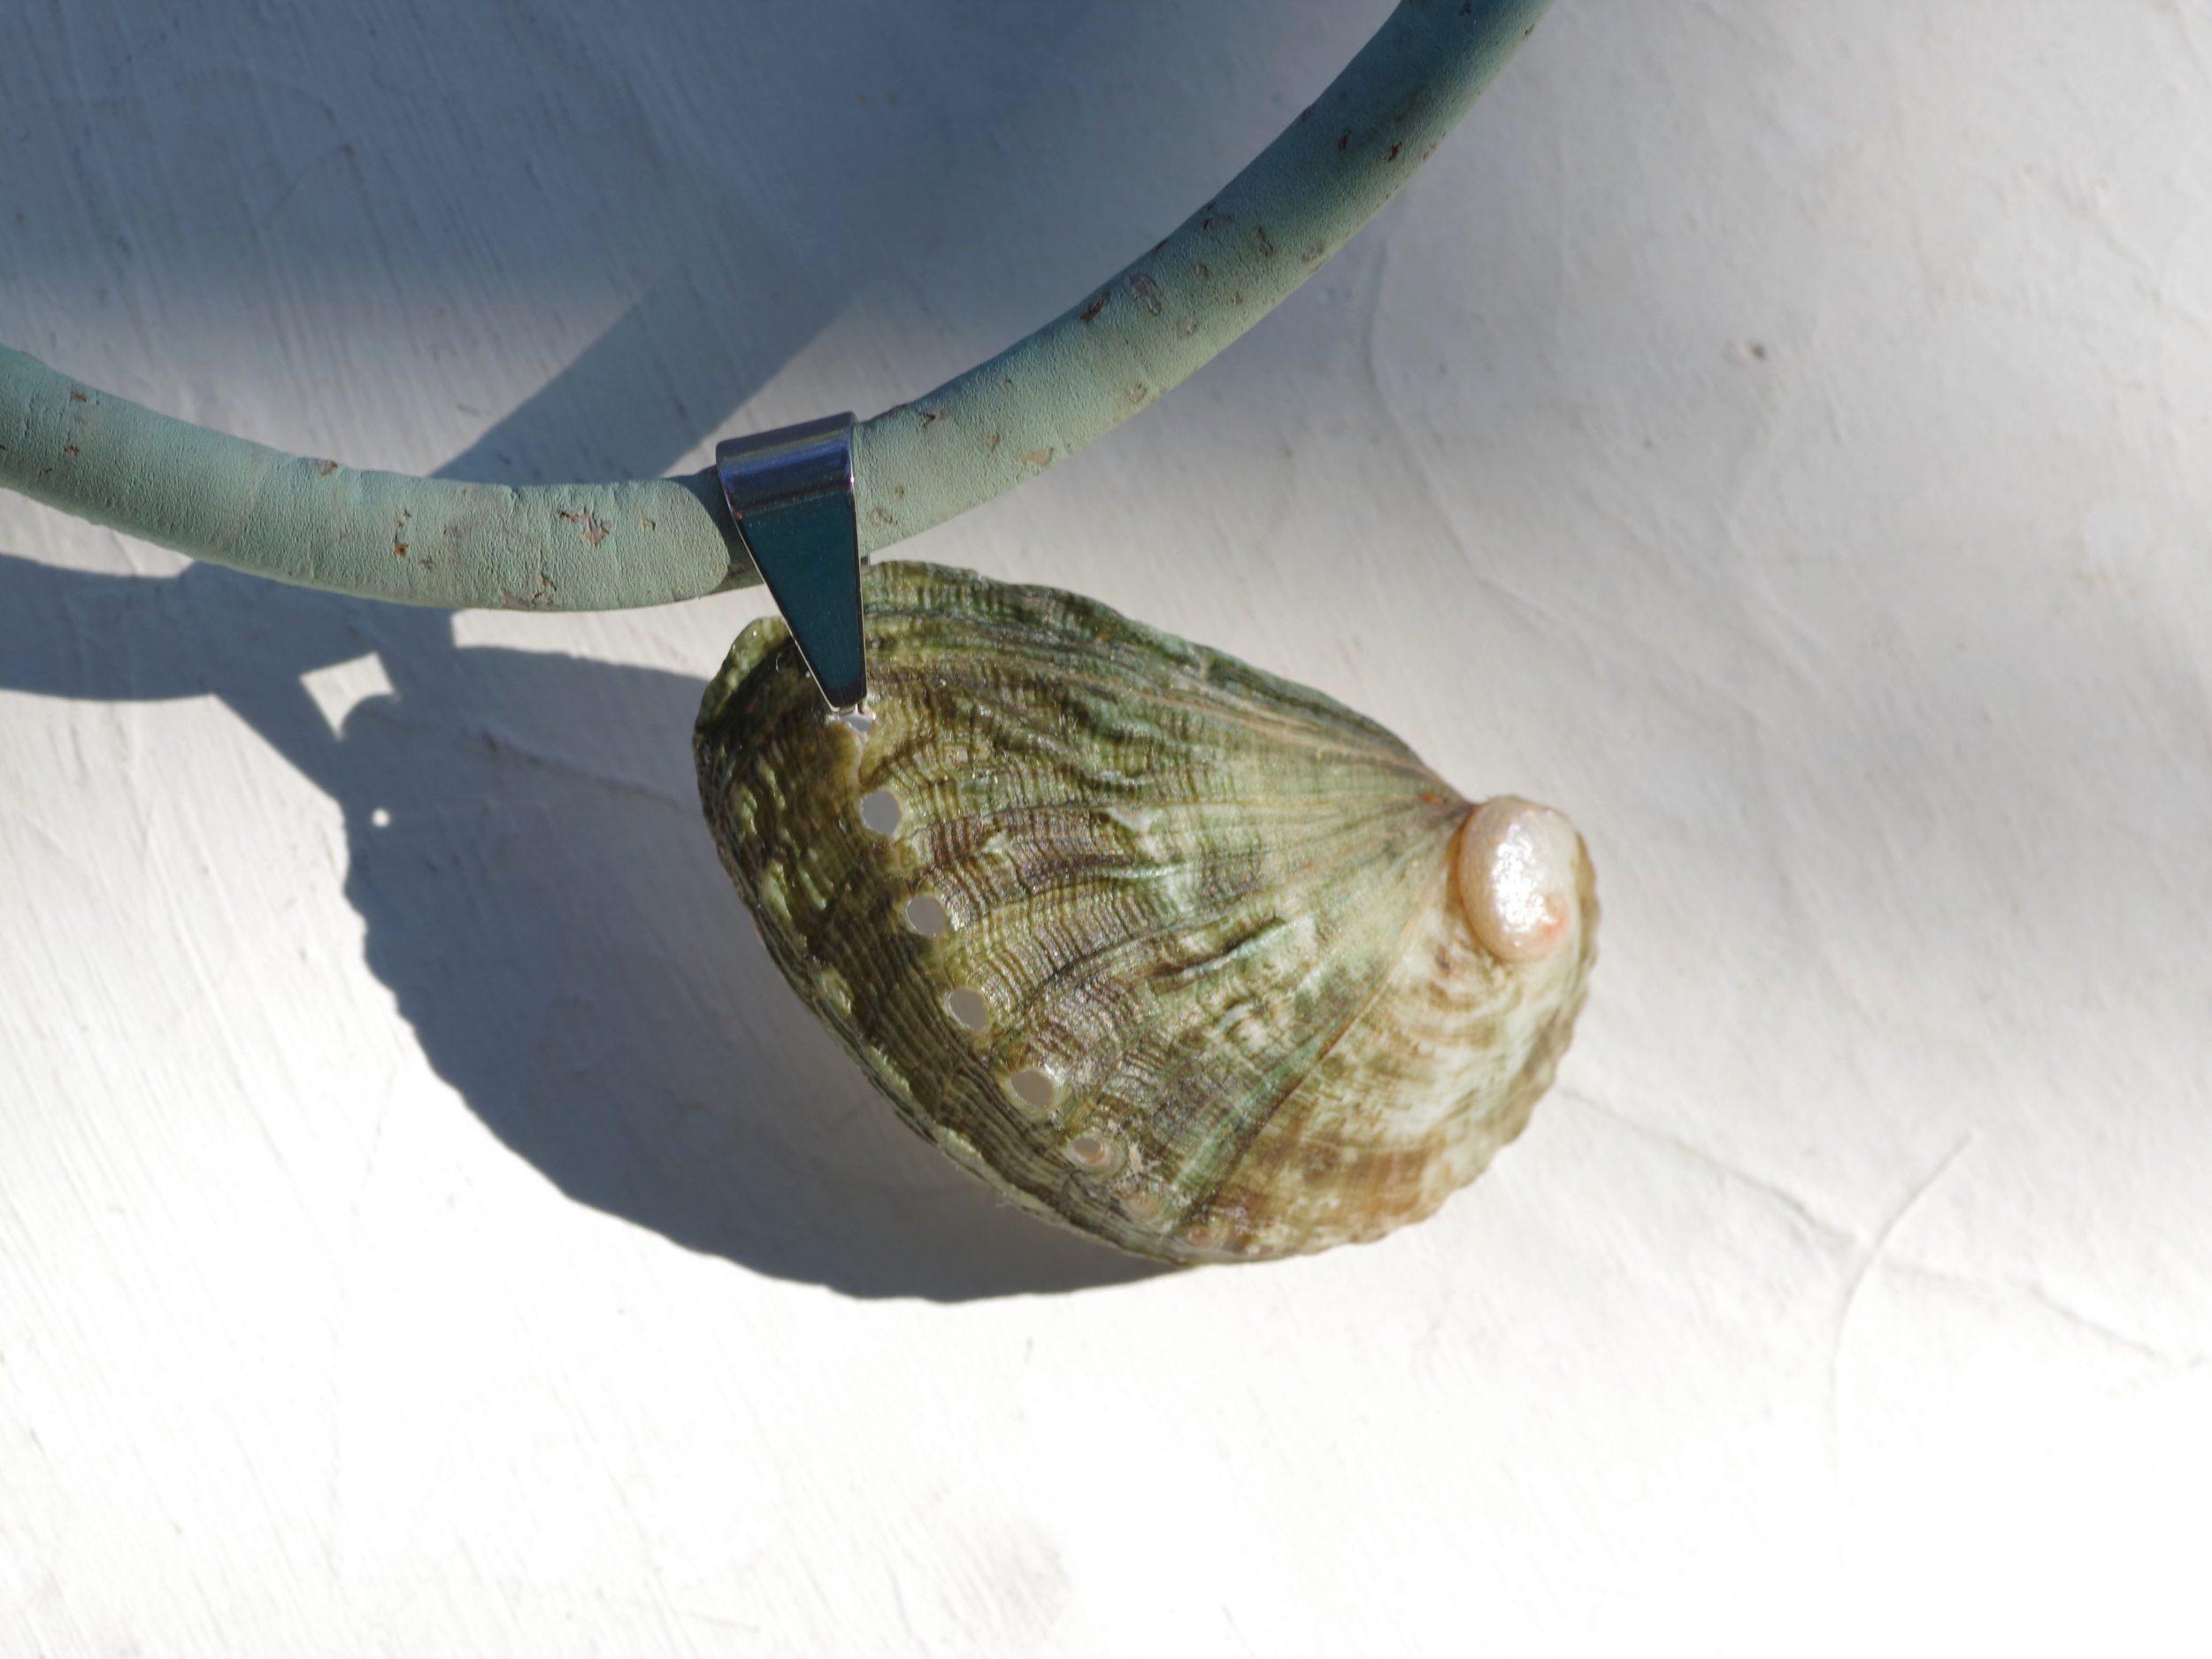 collier coquillage avec un pendentif gros ormeau vert et un tour de cou en liège vert